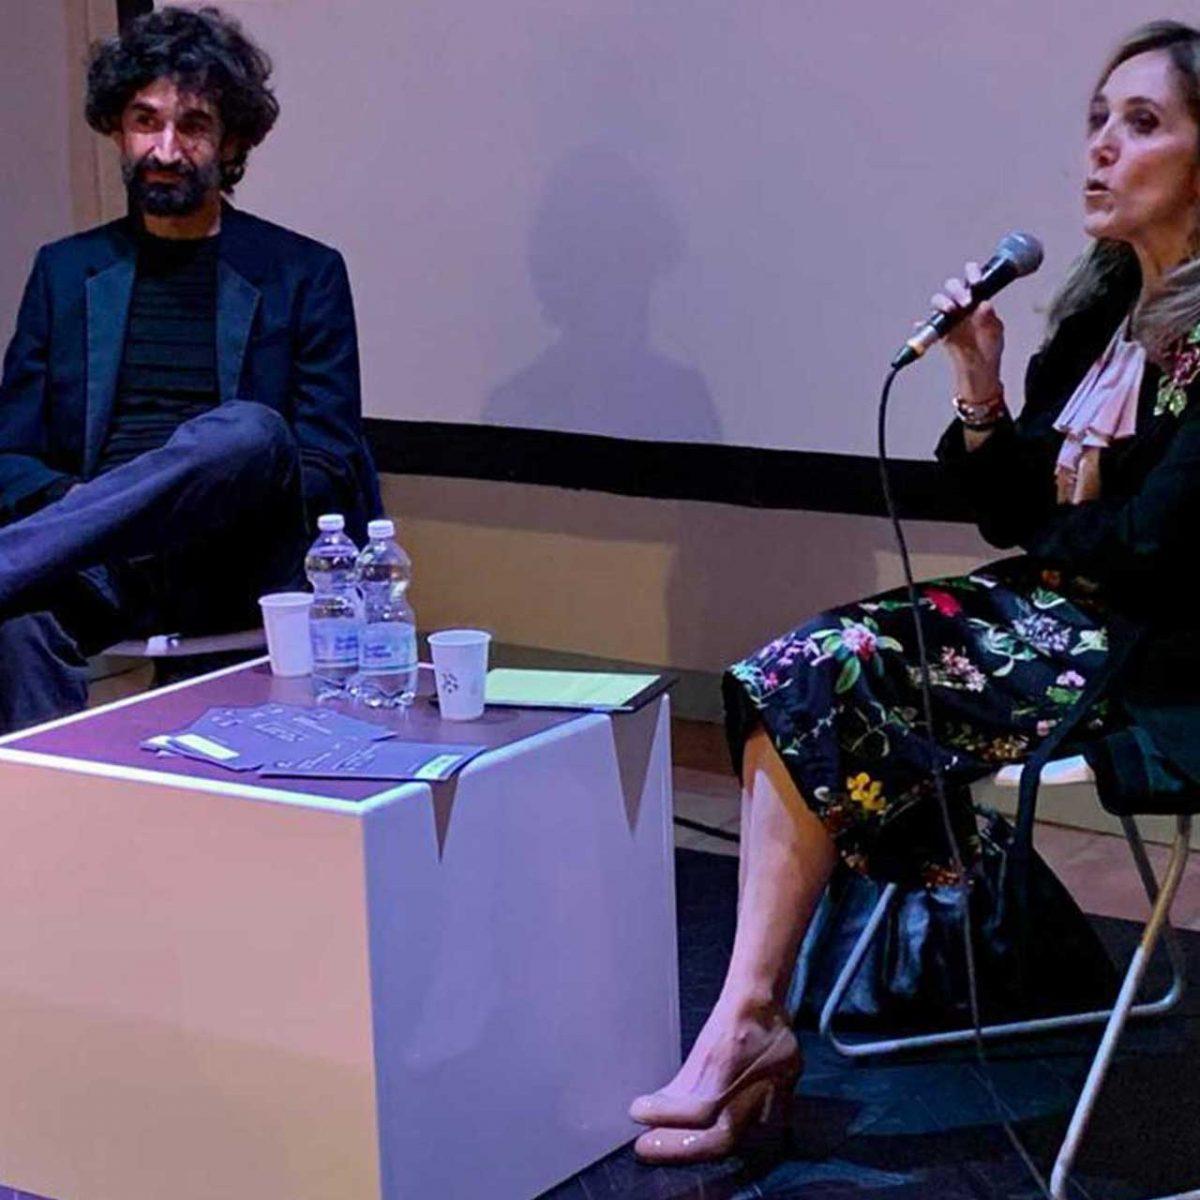 Le avventure acquatiche di Steve Zissou, con Francesca Salemme e Giorgio Sica